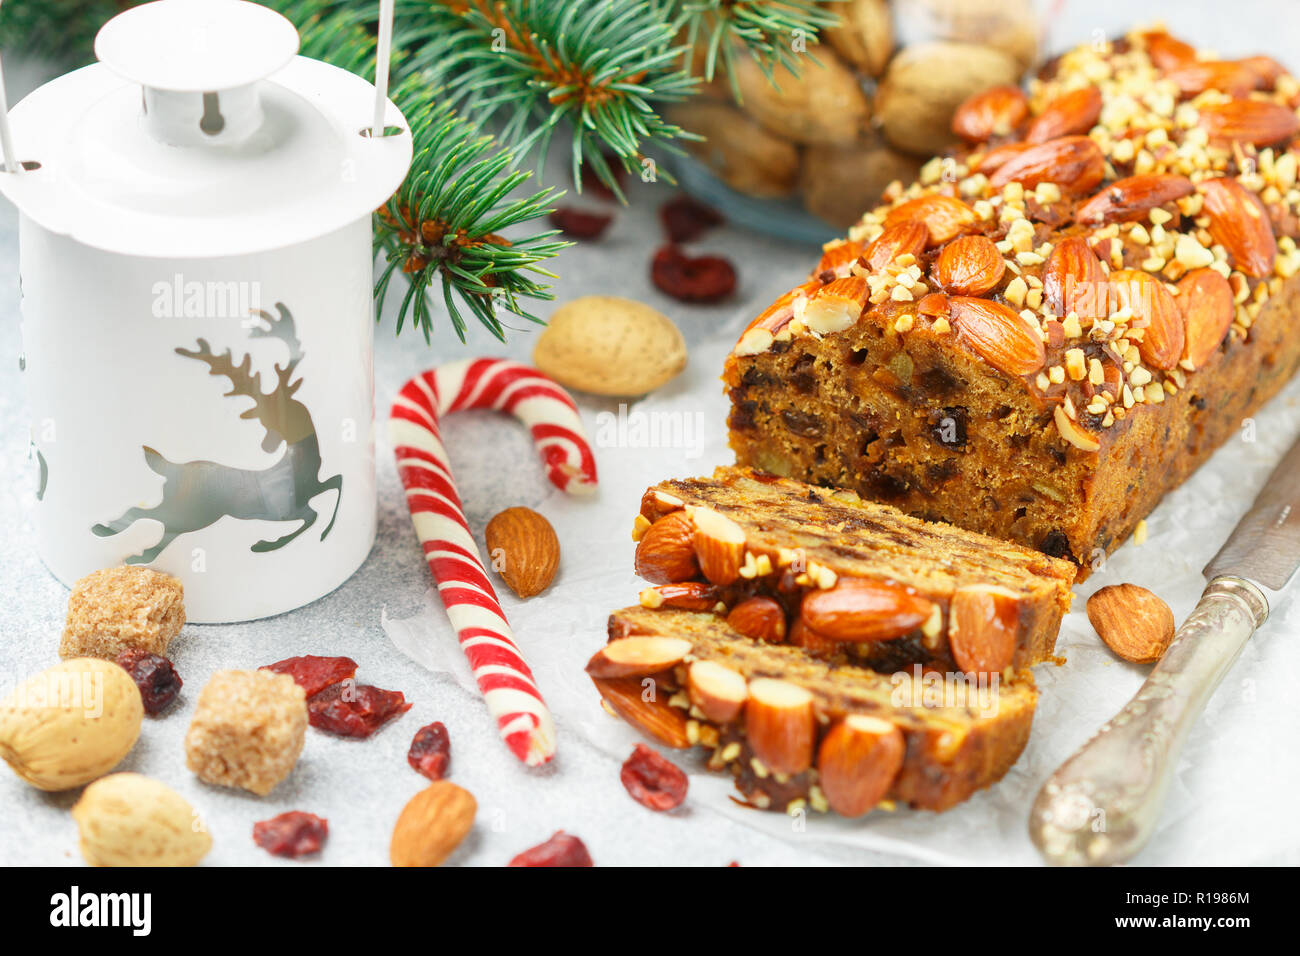 Obstkuchen. Traditionelle weihnachtliche Kuchen mit Mandeln, getrocknete Cranberries, Zimt, Kardamom, Anis, Nelken. Für das neue Jahr. Selektiver Fokus Stockfoto